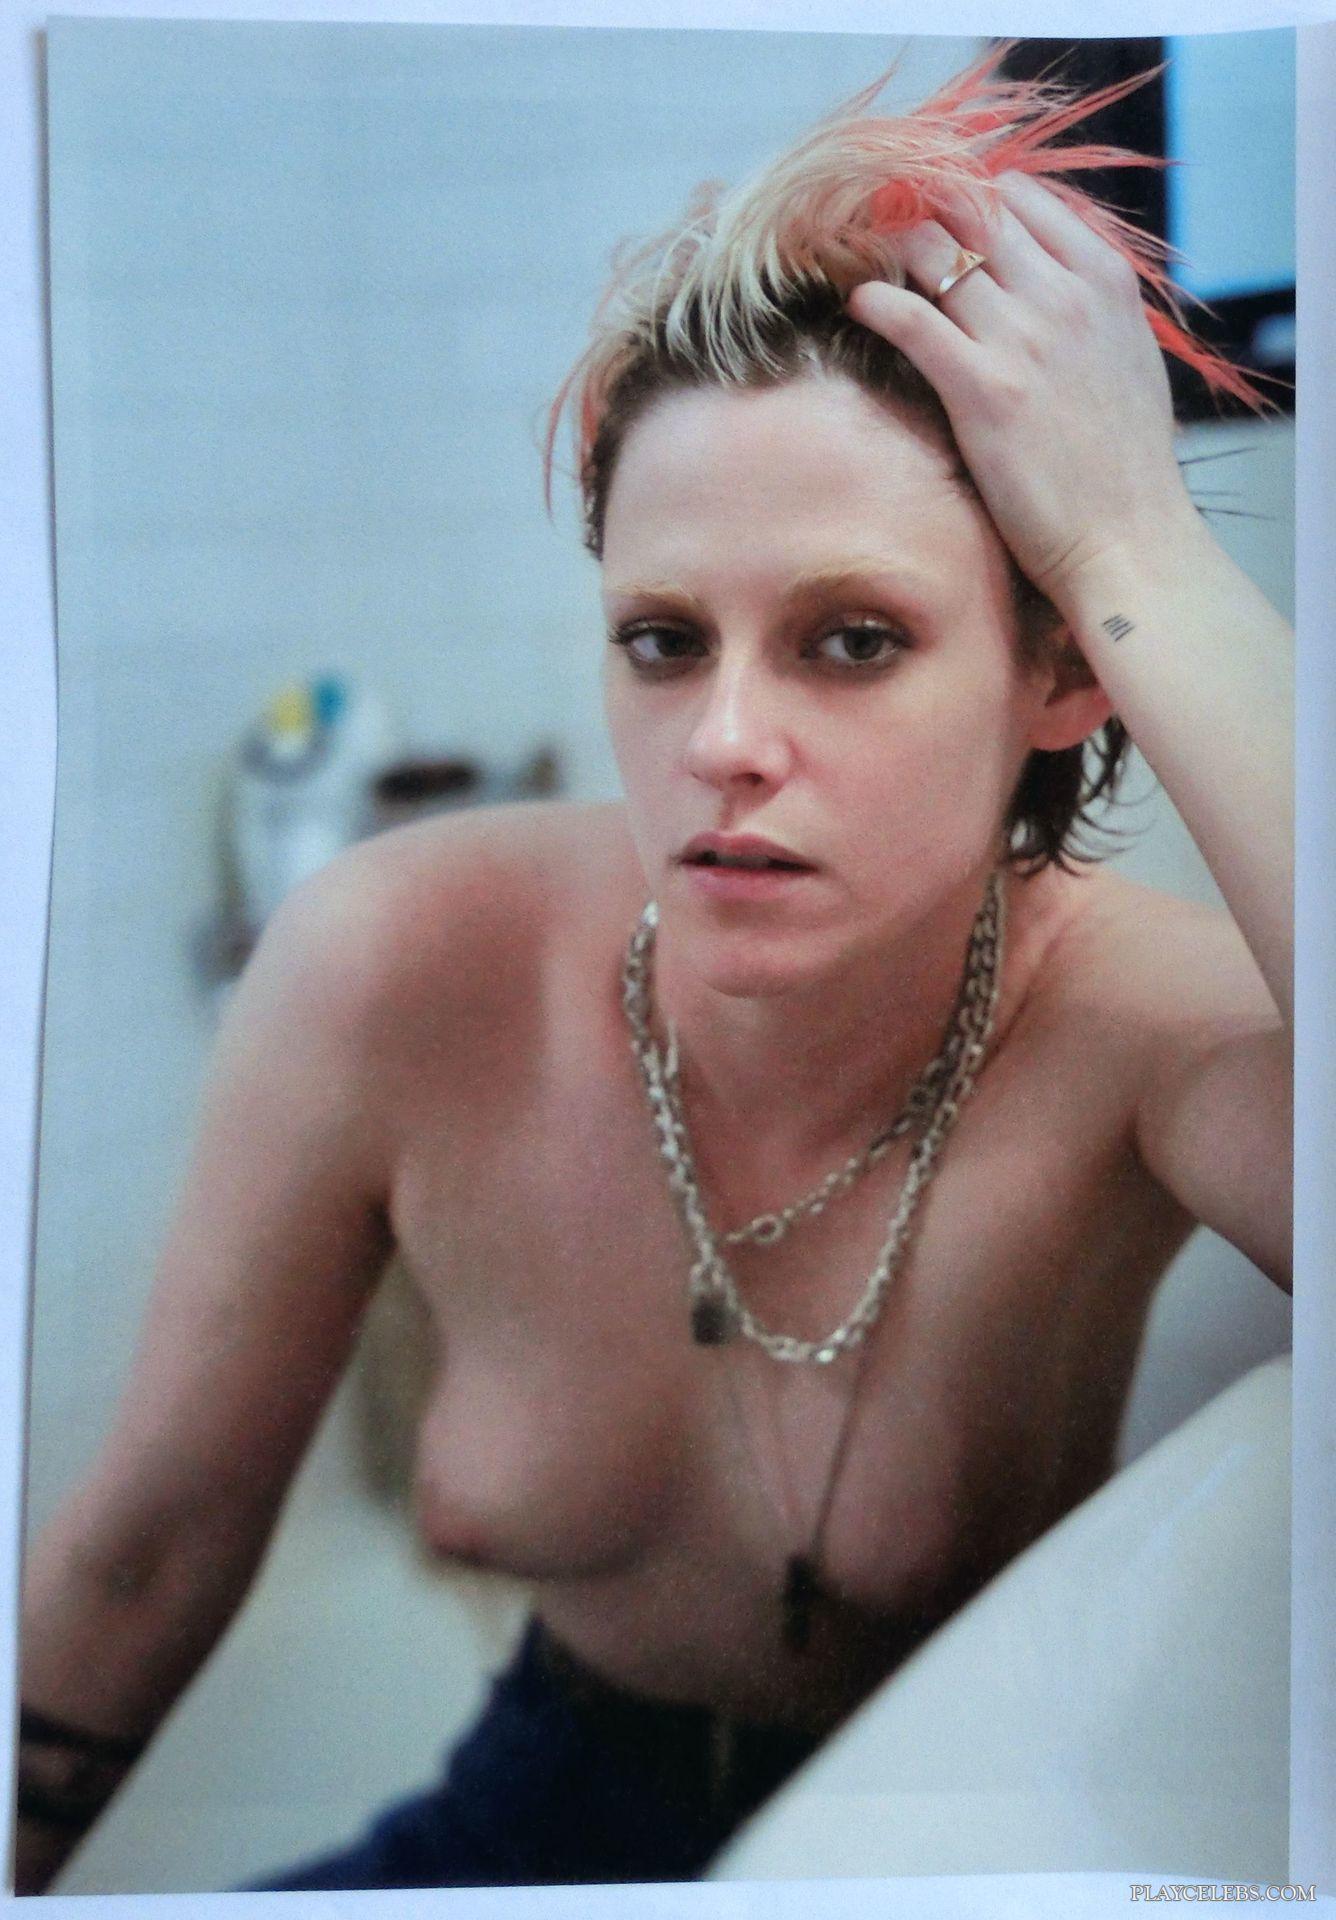 Kristen Stewart Nude And Erotic Magazine Scans